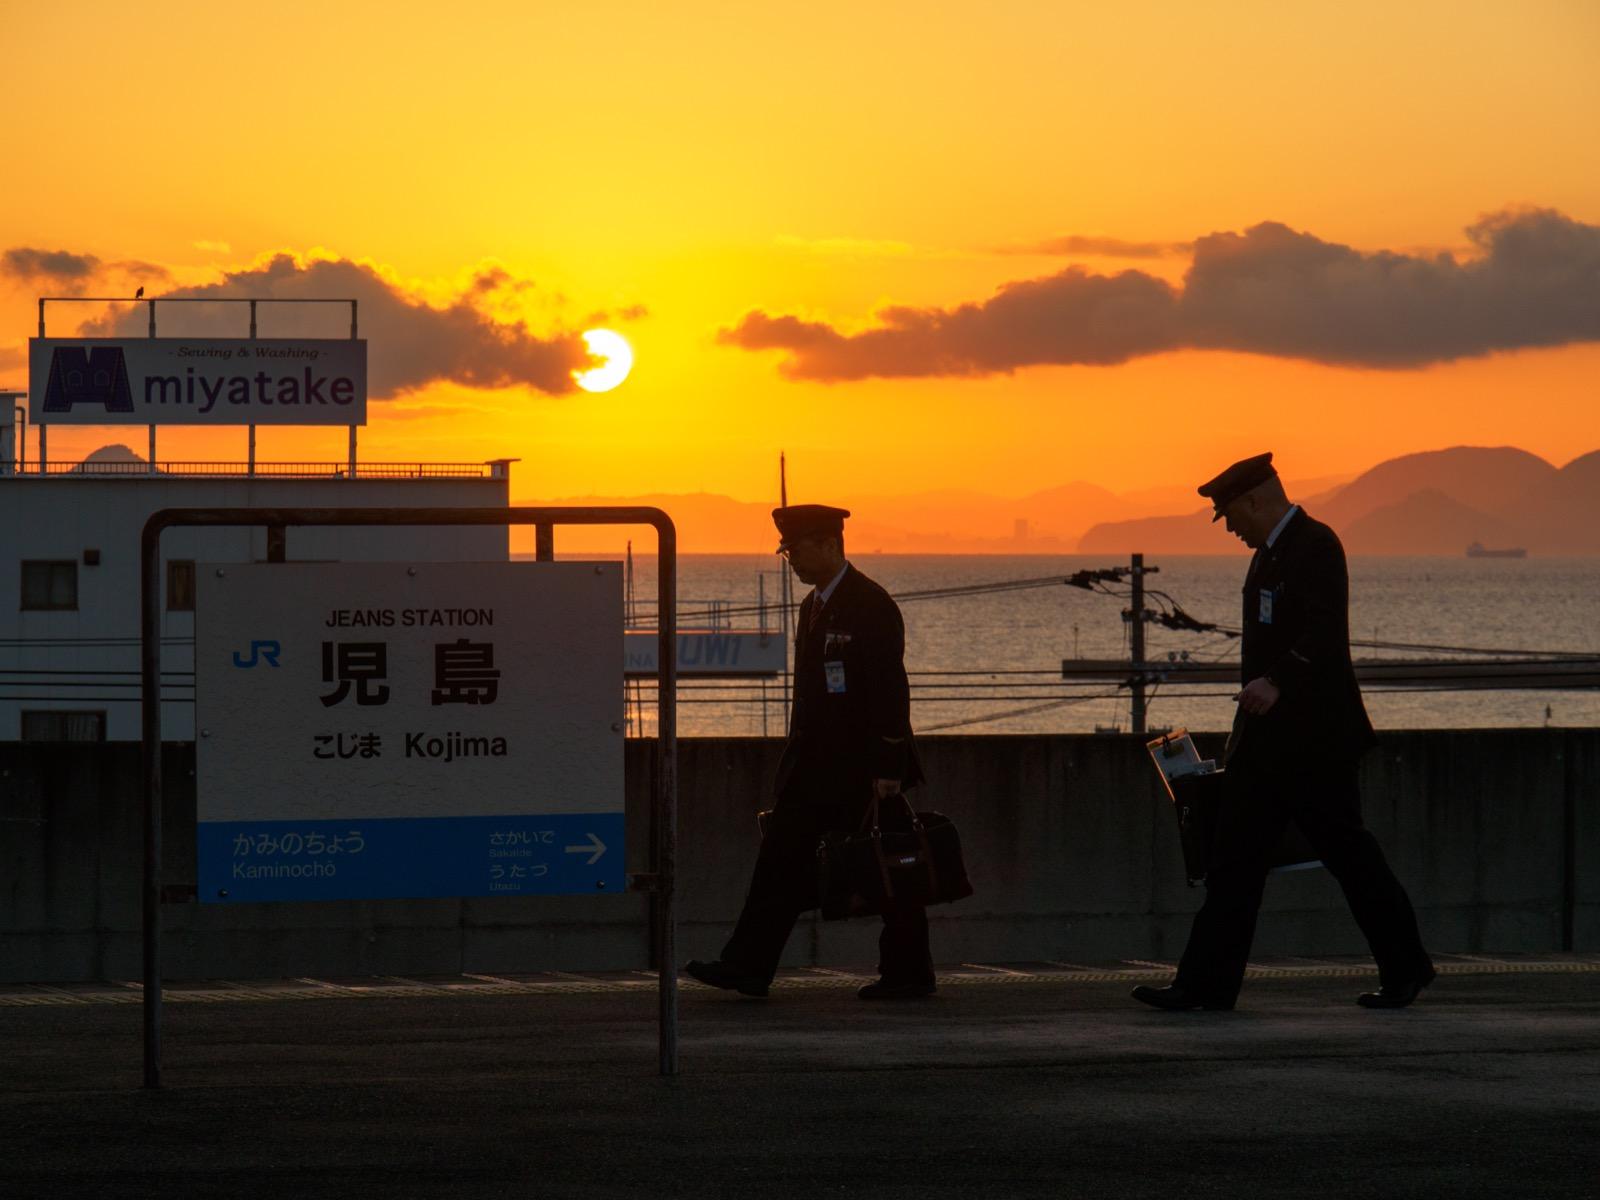 早朝の児島駅のホームと瀬戸内海